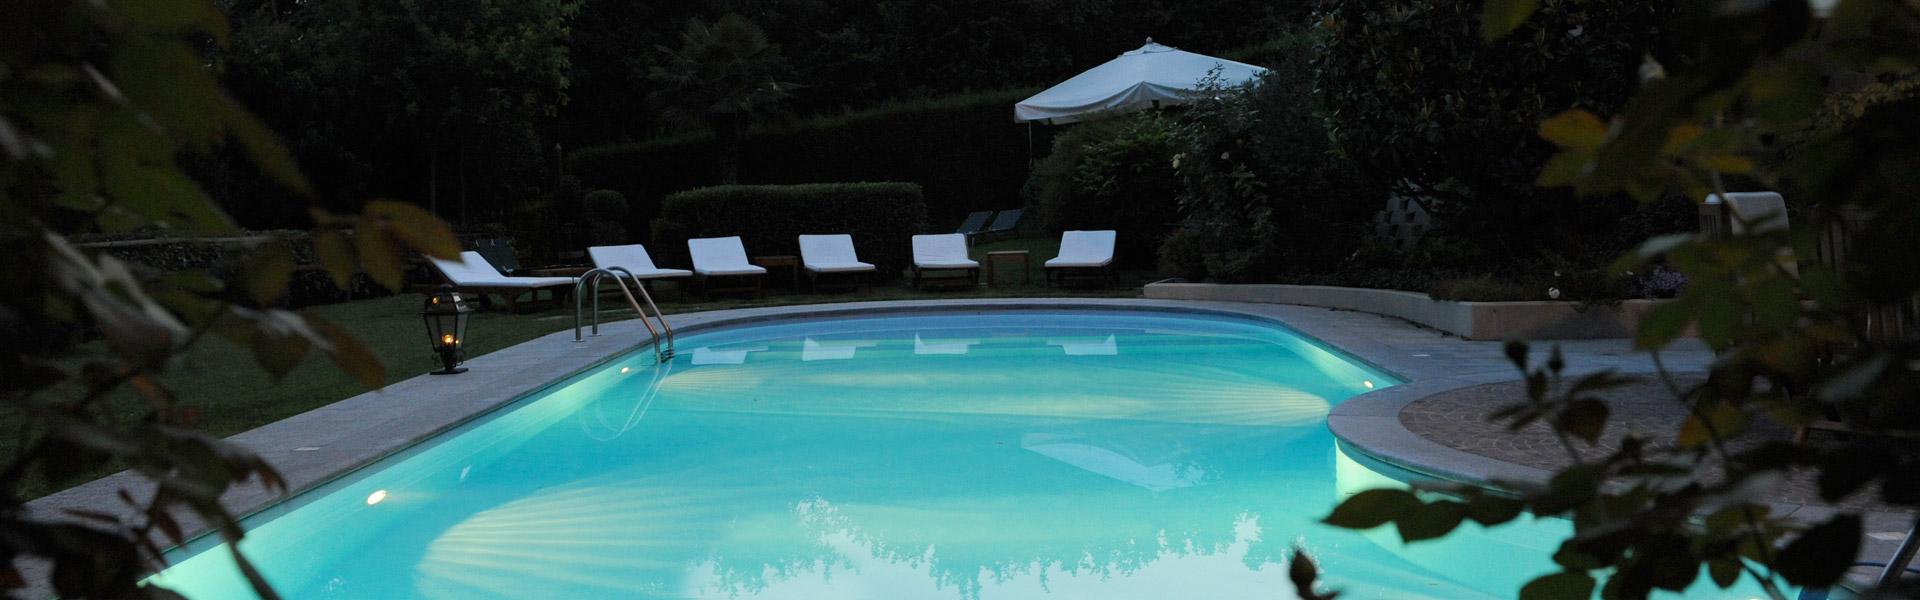 ristorante-albergo-ca-vittoria-piscina